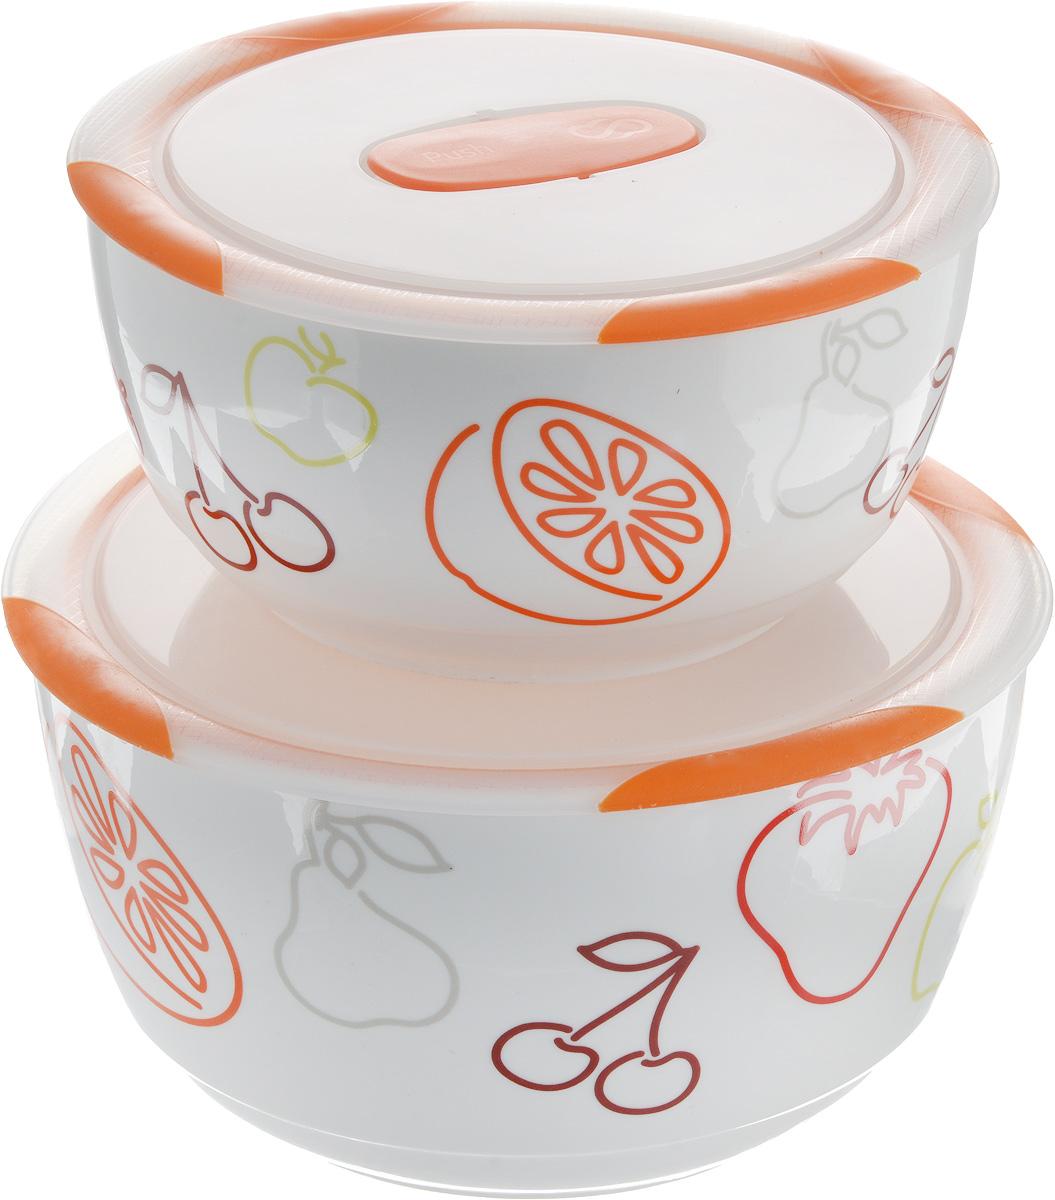 Набор мисок Oursson, с крышками, цвет: оранжевый, 2 штBS4781RC/ORНабор Oursson состоит из четырех мисок разного размера, выполненных из керамики и оформленных рисунком. Керамика, из которой изготовлены емкости, выдерживает температуру до 250С, поэтому подать блюда на стол можно сразу после приготовления в микроволновой печи или духовом шкафу. Миски снабжены плотно закрывающимися пластиковыми крышками с технологией Clip Fresh. Такой набор прекрасно подходит для хранения продуктов и соусов без проливания, которые не прольются при переноске благодаря силиконовому уплотнителю, обеспечивающему 100%-ную герметичность. Миски являются универсальным приобретением для любой кухни. С их помощью можно готовить блюда, хранить продукты и даже сервировать стол. Оригинальный дизайн, высокое качество и функциональность набора Oursson позволят ему стать достойным дополнением к вашему кухонному инвентарю. Можно мыть в посудомоечной машине. Характеристика емкости №1: Объем: 3 л. Высота стенки: 11,3 см. Диаметр...